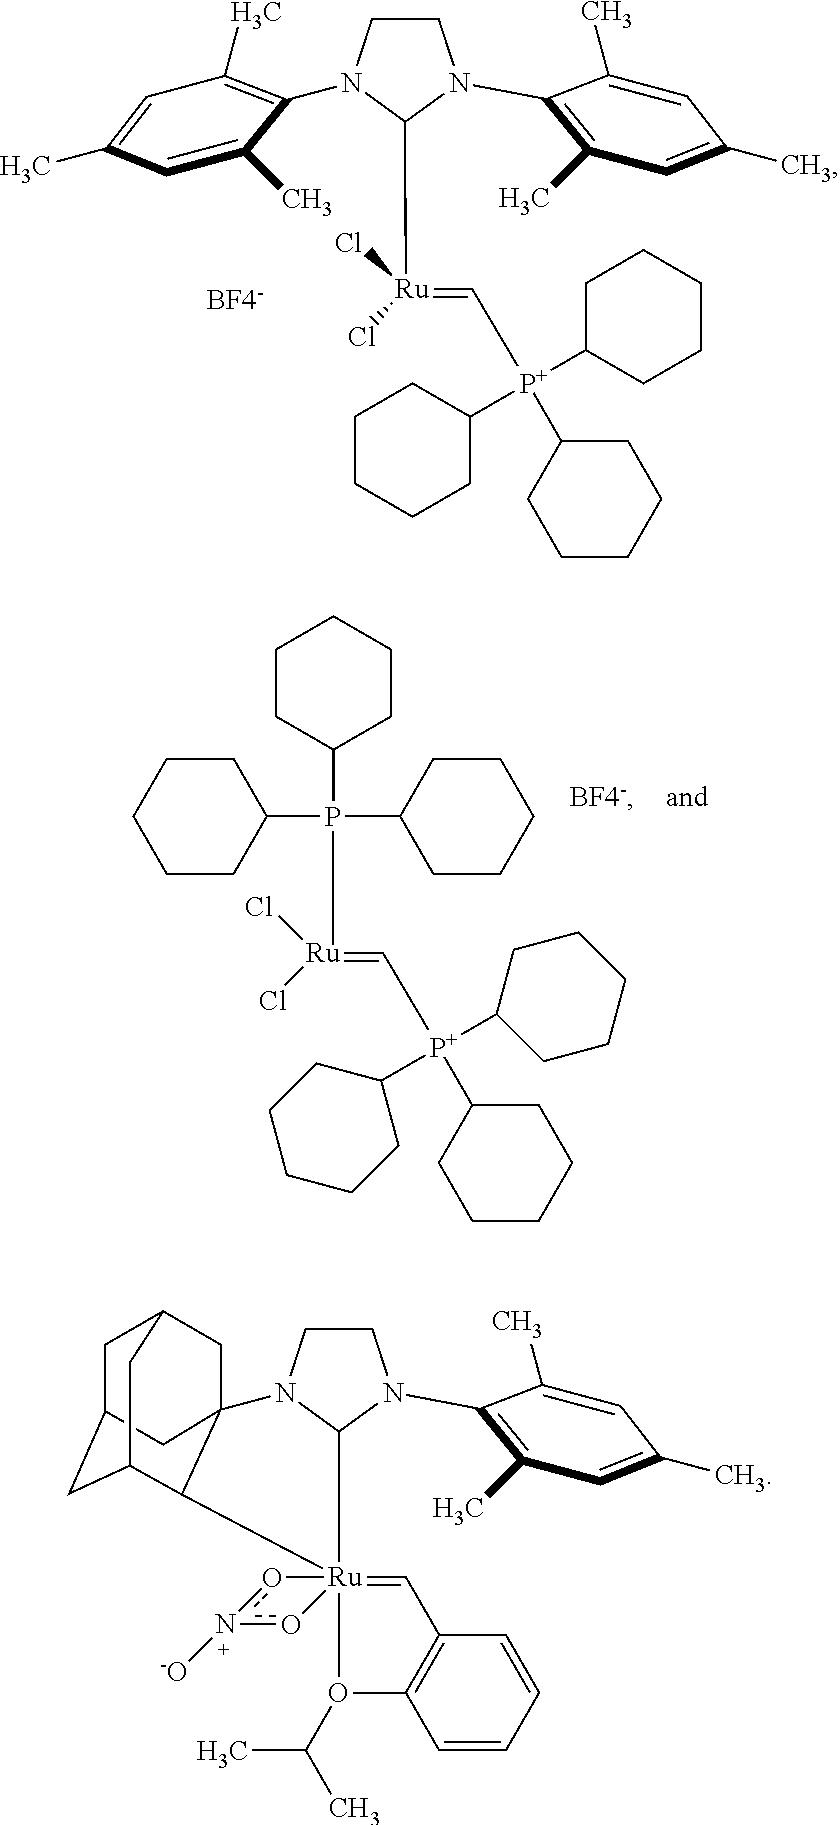 Figure US09630151-20170425-C00010